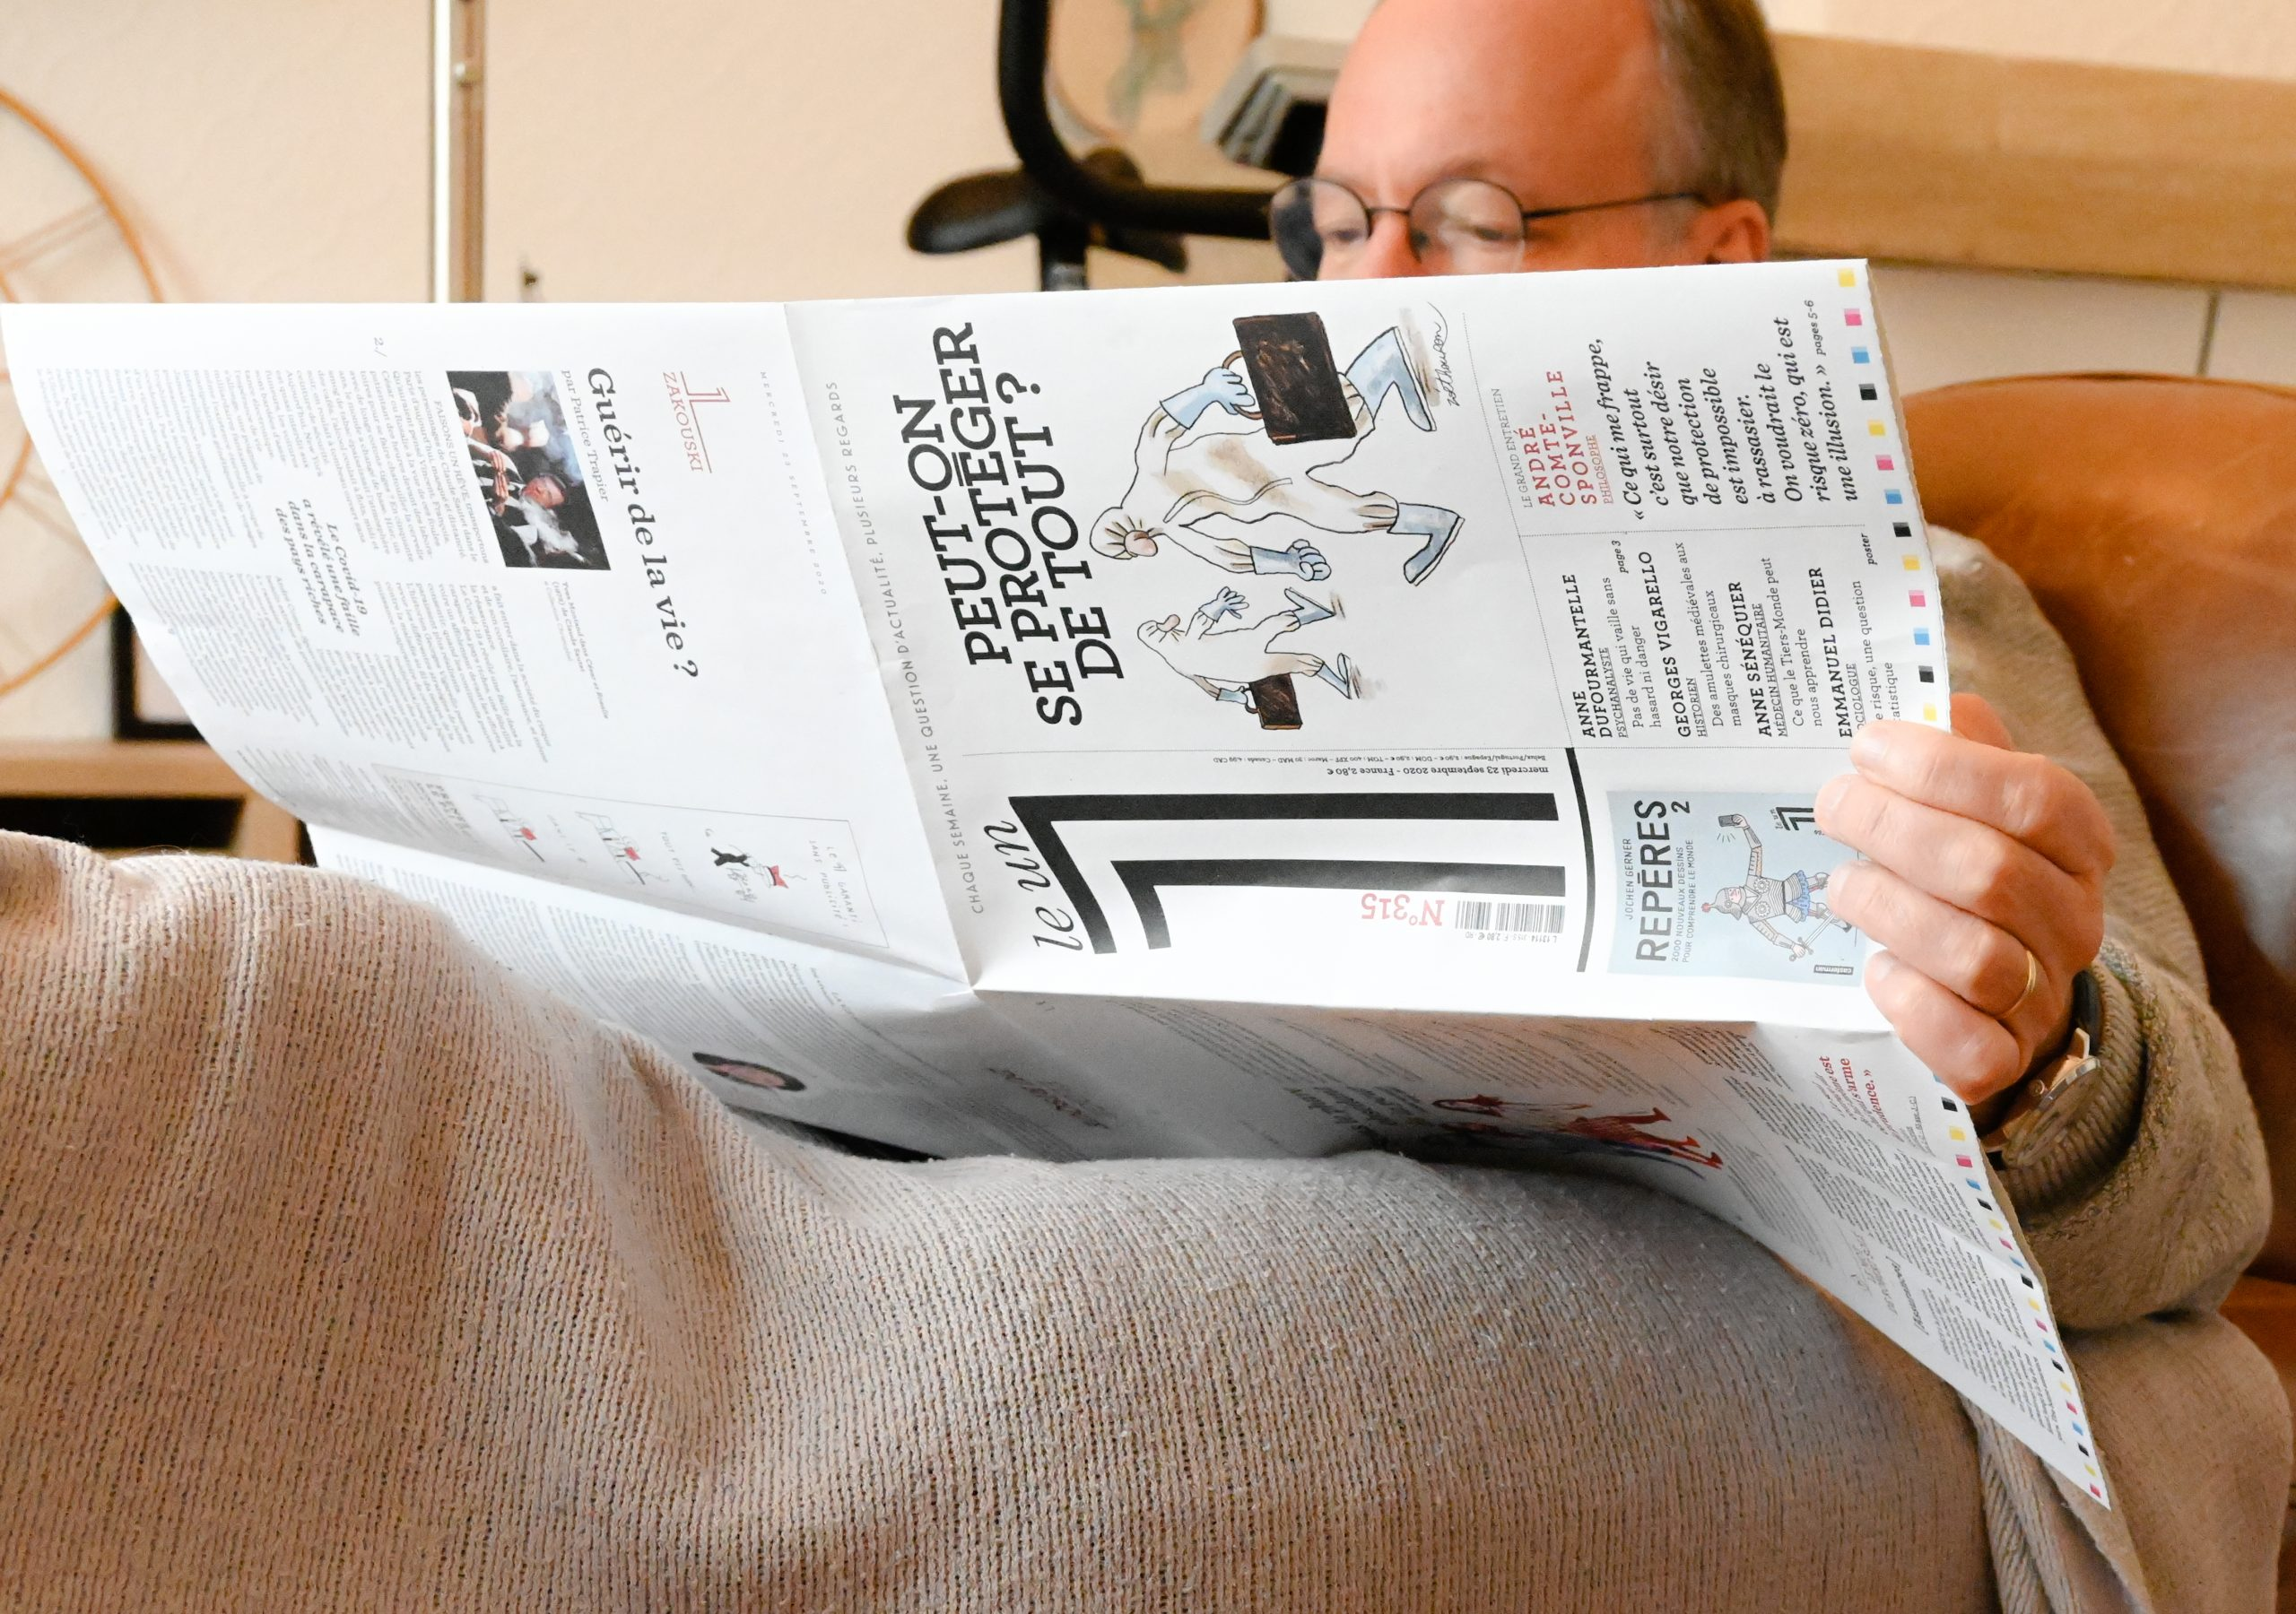 un jour dans la vie homme en train de lire un journal sur la covid